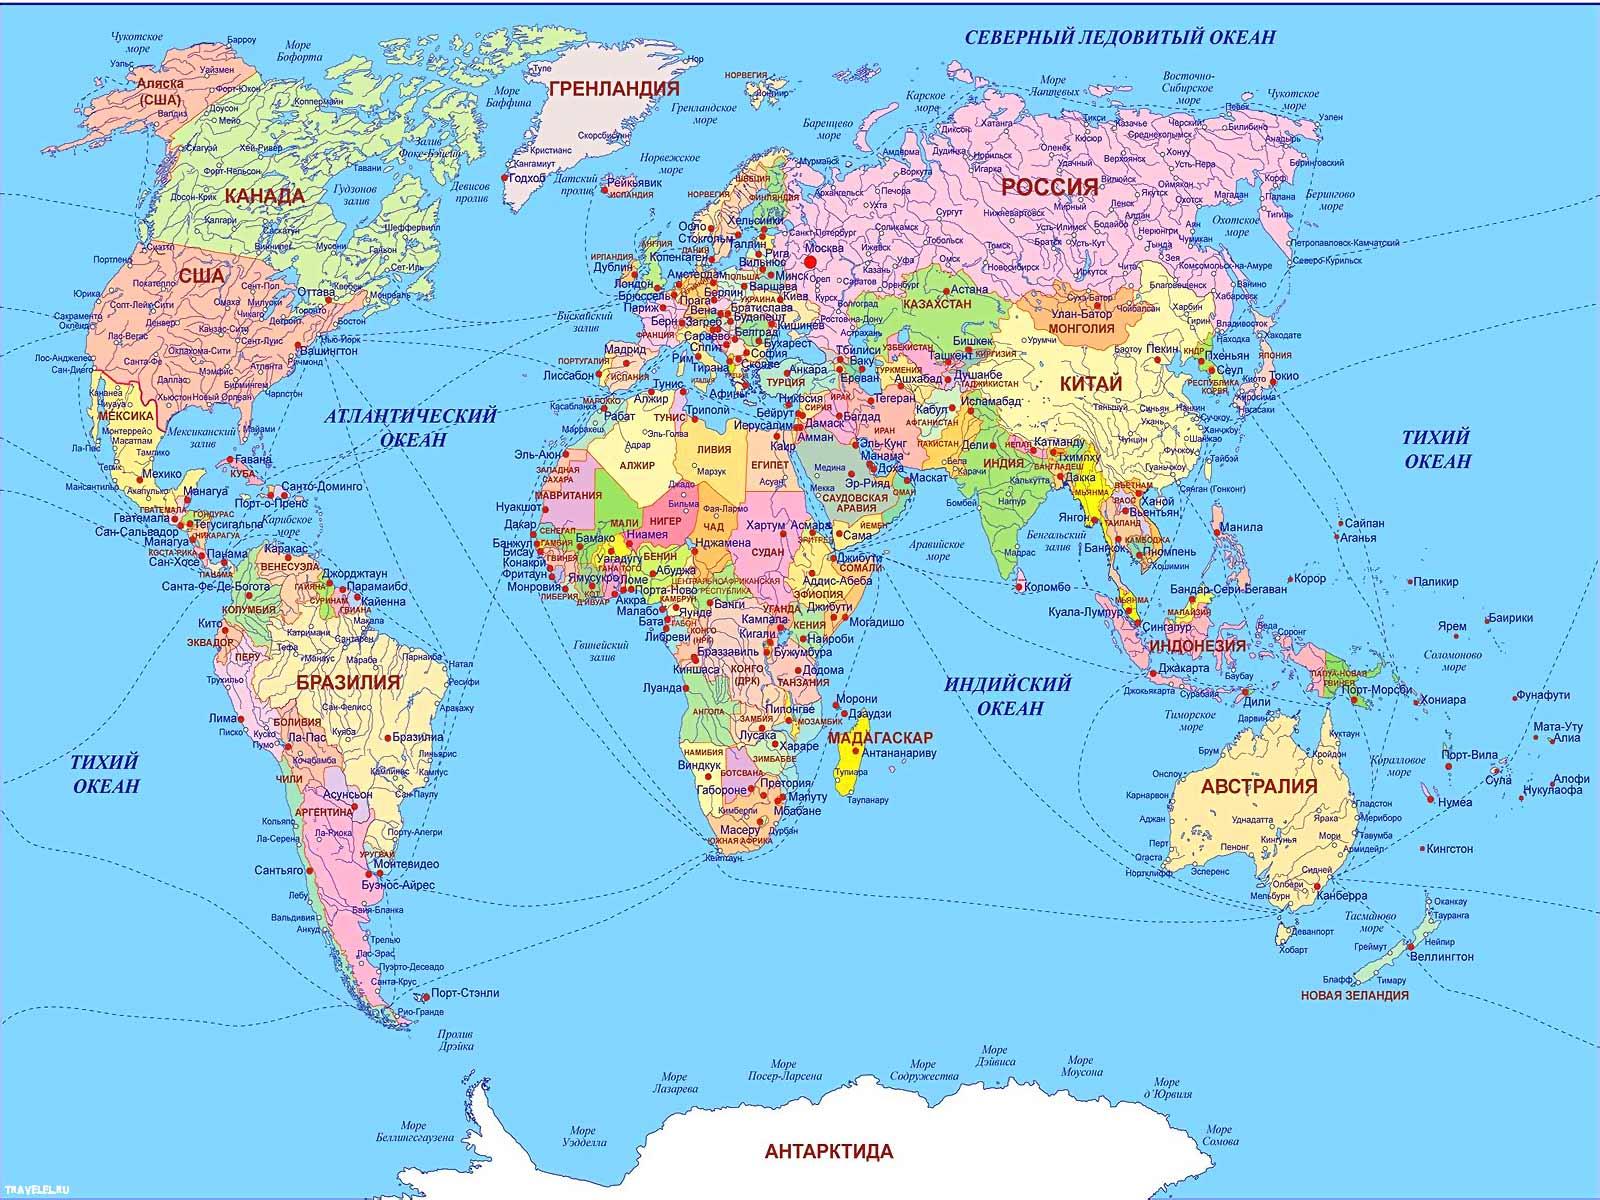 карты ази онлайн играть